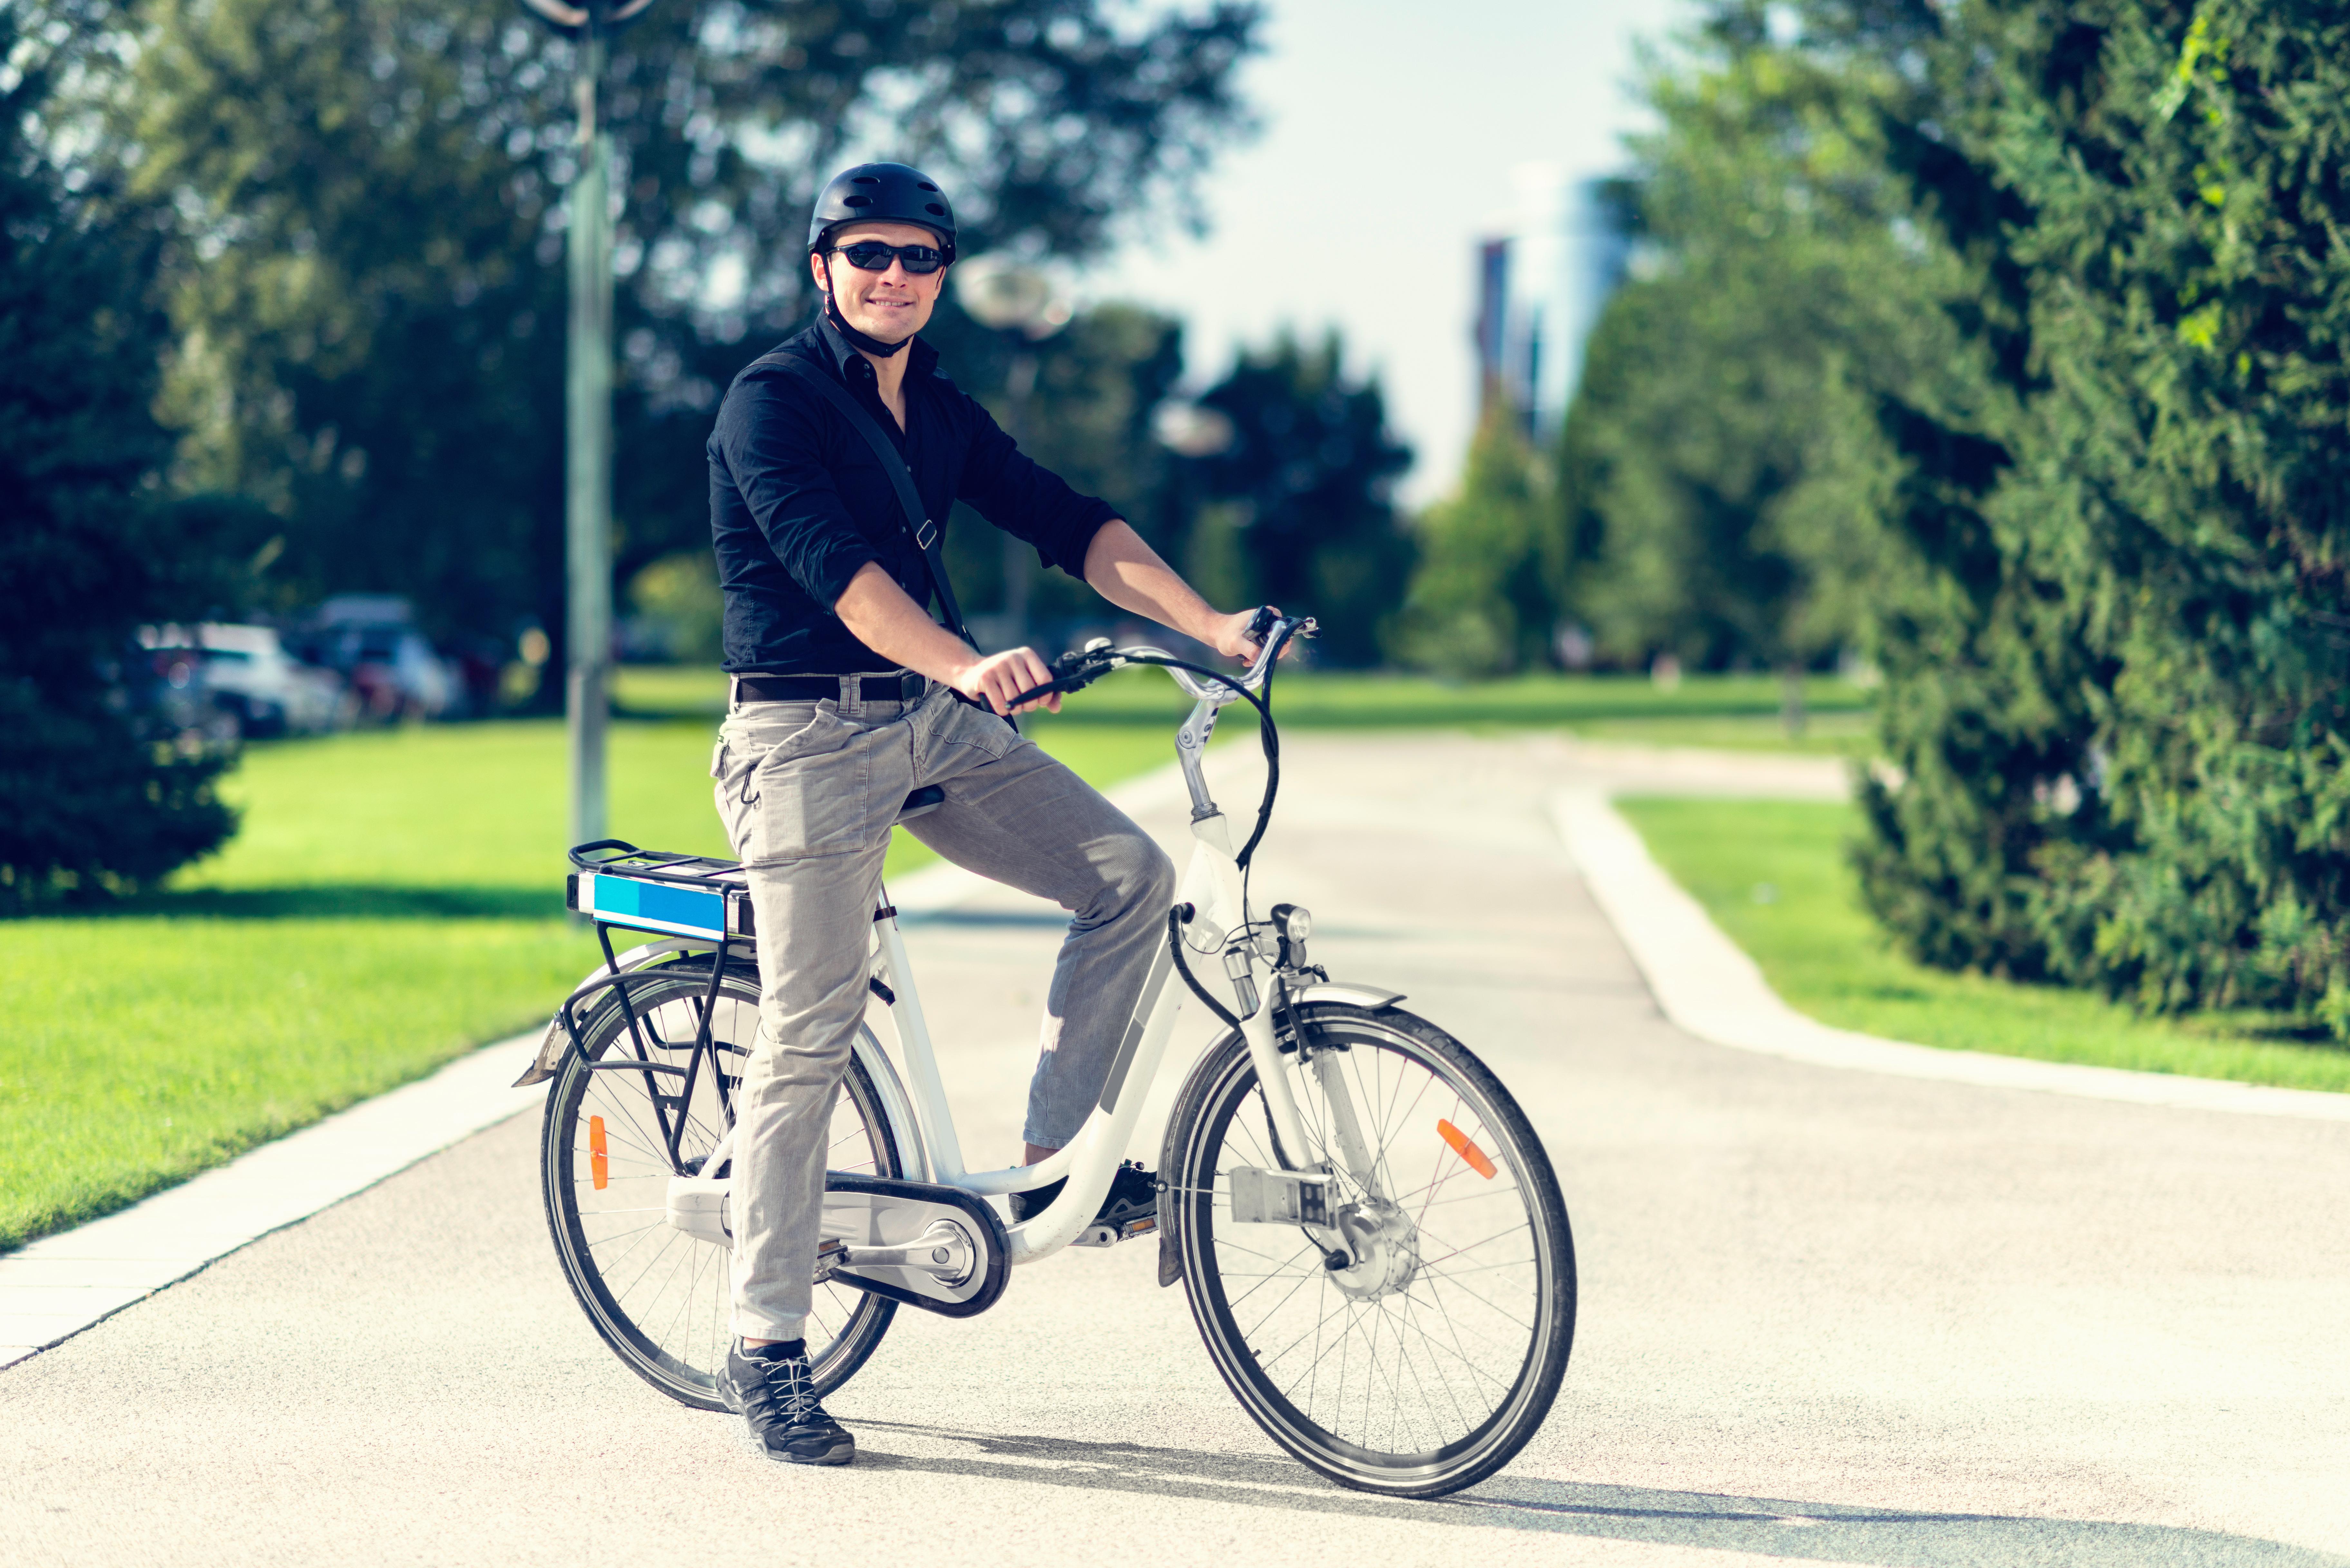 elektrische fiets testen